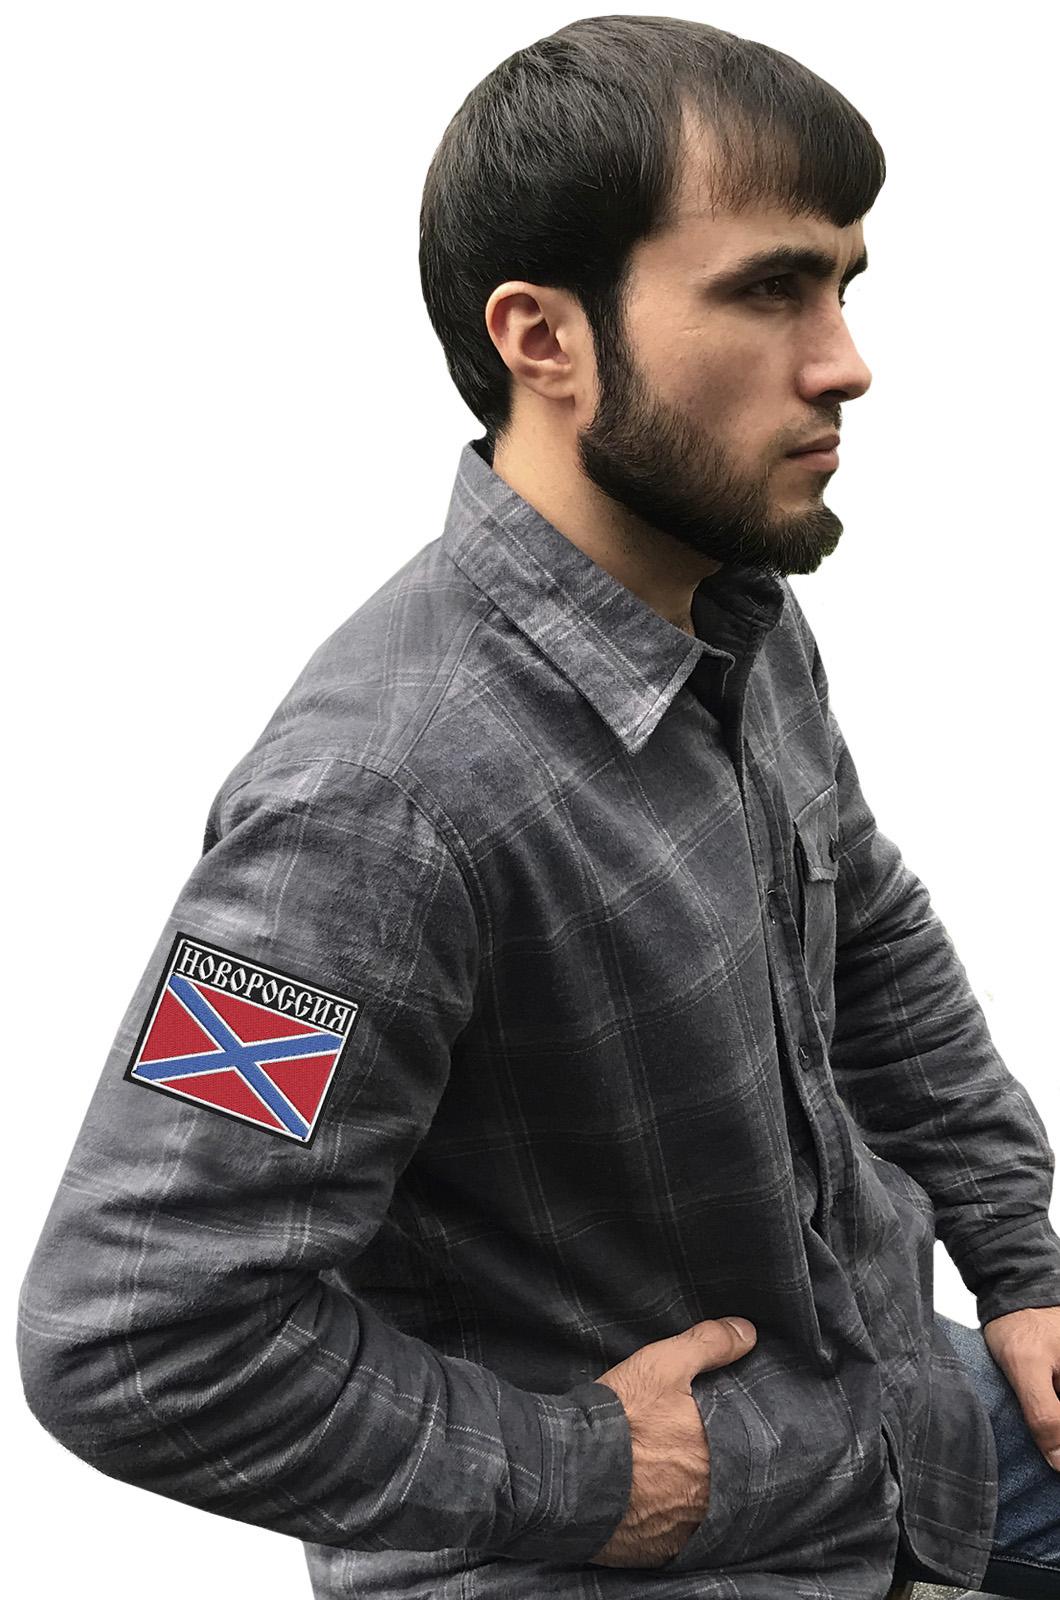 Мужская теплая рубашка с вышитым шевроном Новороссия - купить в розницу